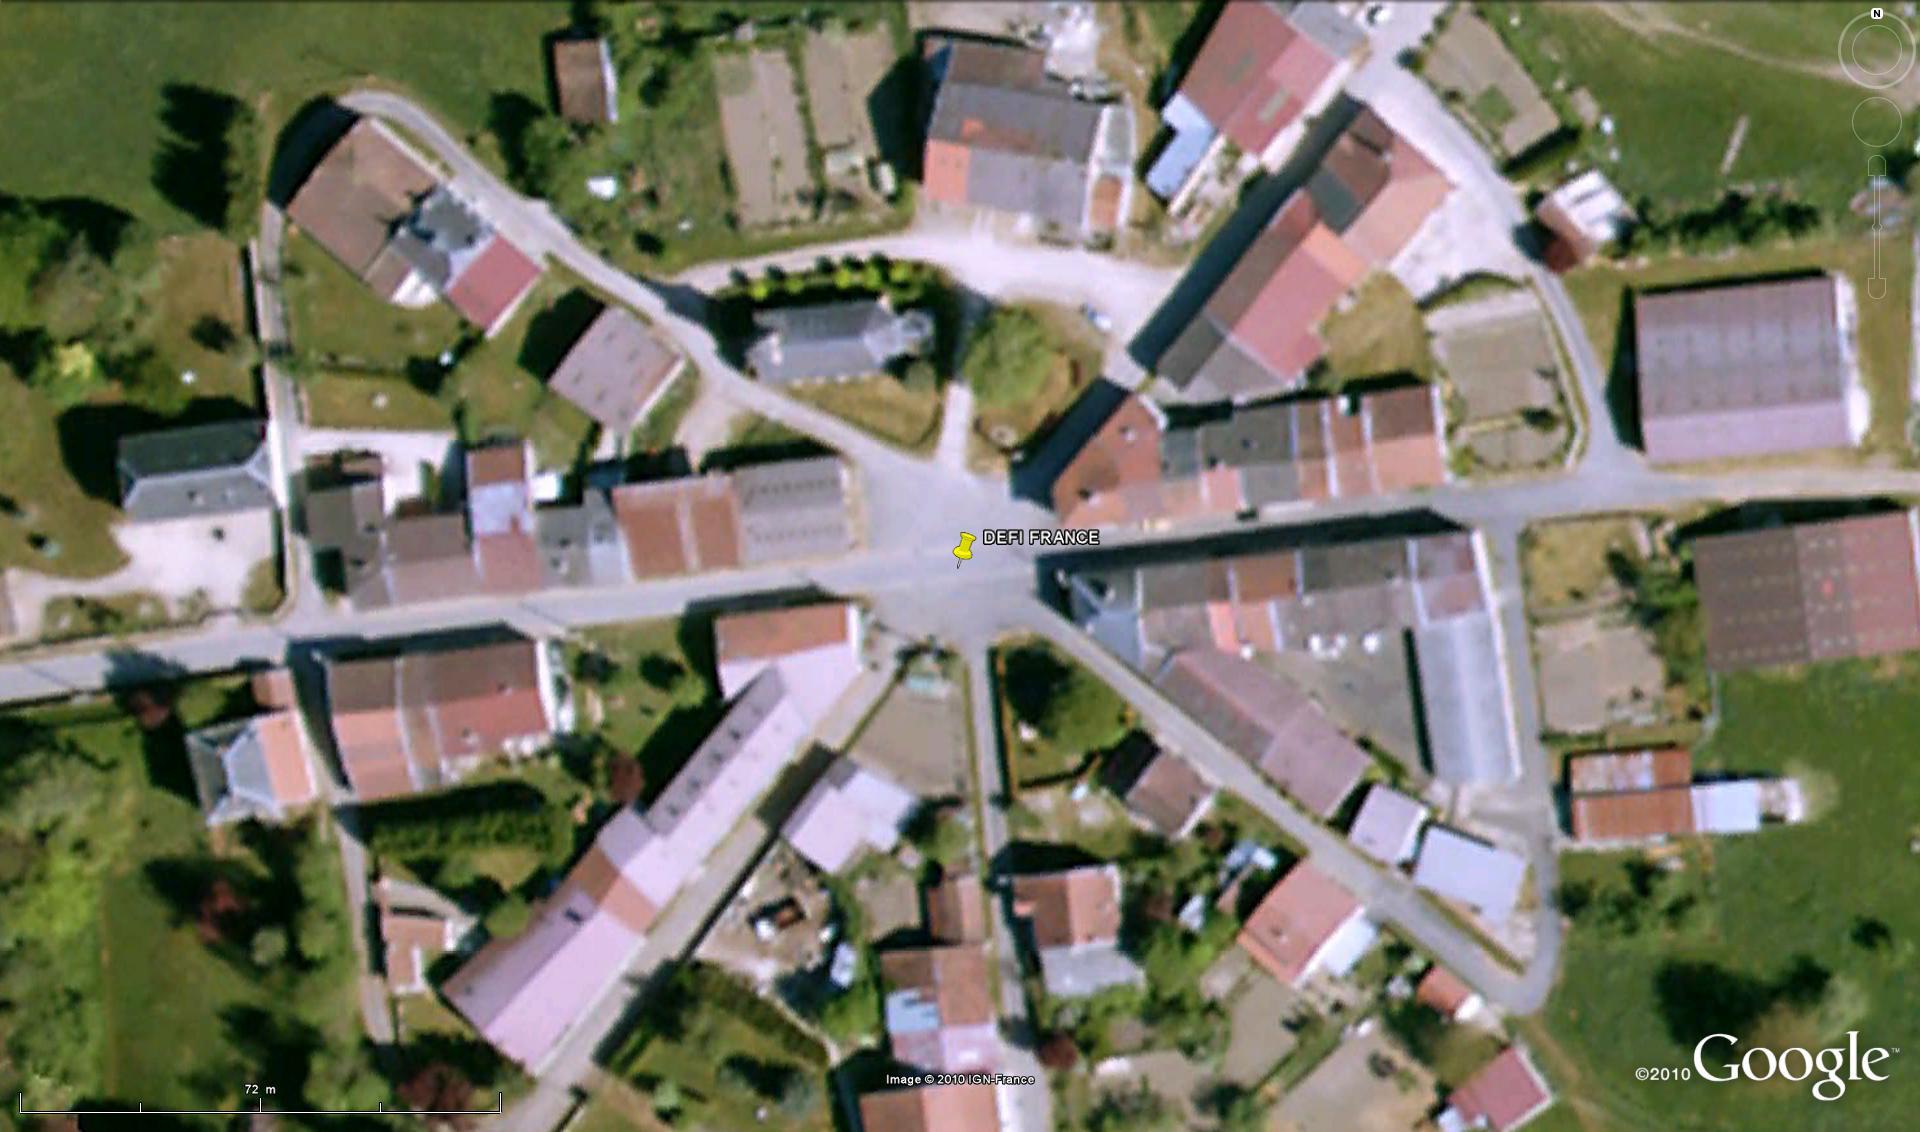 DEFIS ZOOM FRANCE 87 à 155 (Septembre 2010/Juin 2012) - Page 6 Defiv_10